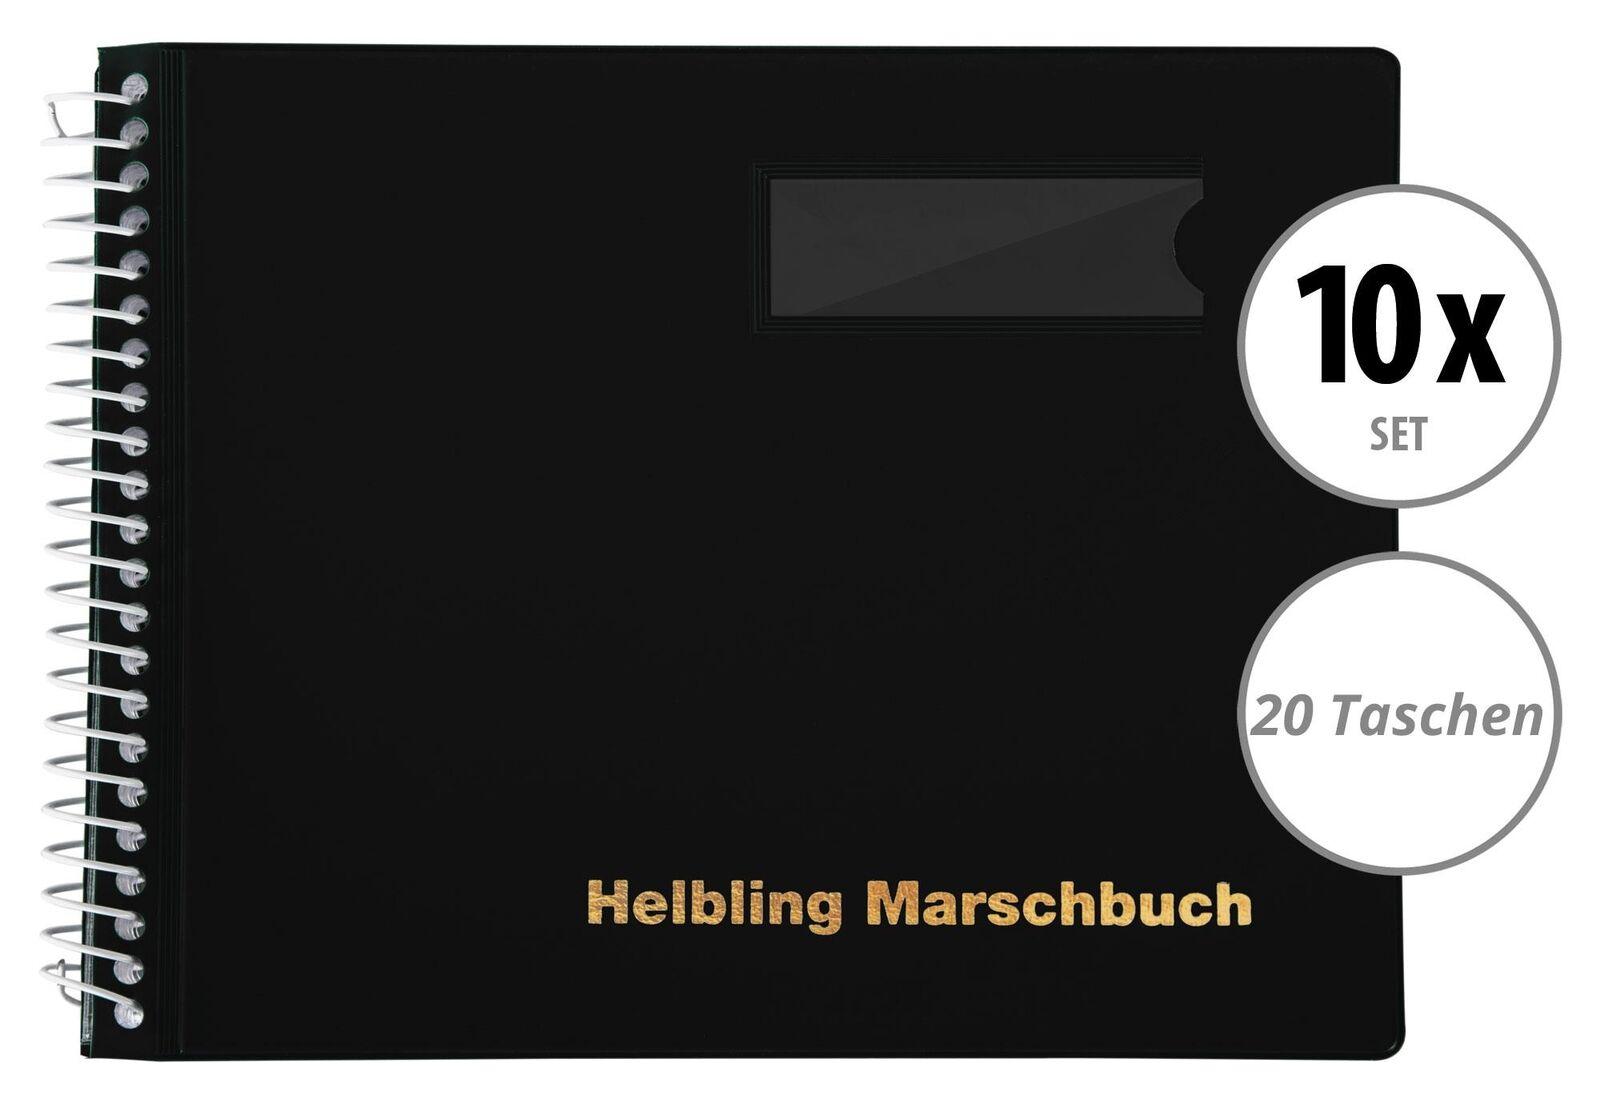 10x Helbling bms20 marschbuch negro 20 bolsillos marchen marchen marchen notas Book música Spiral 2ec5f9